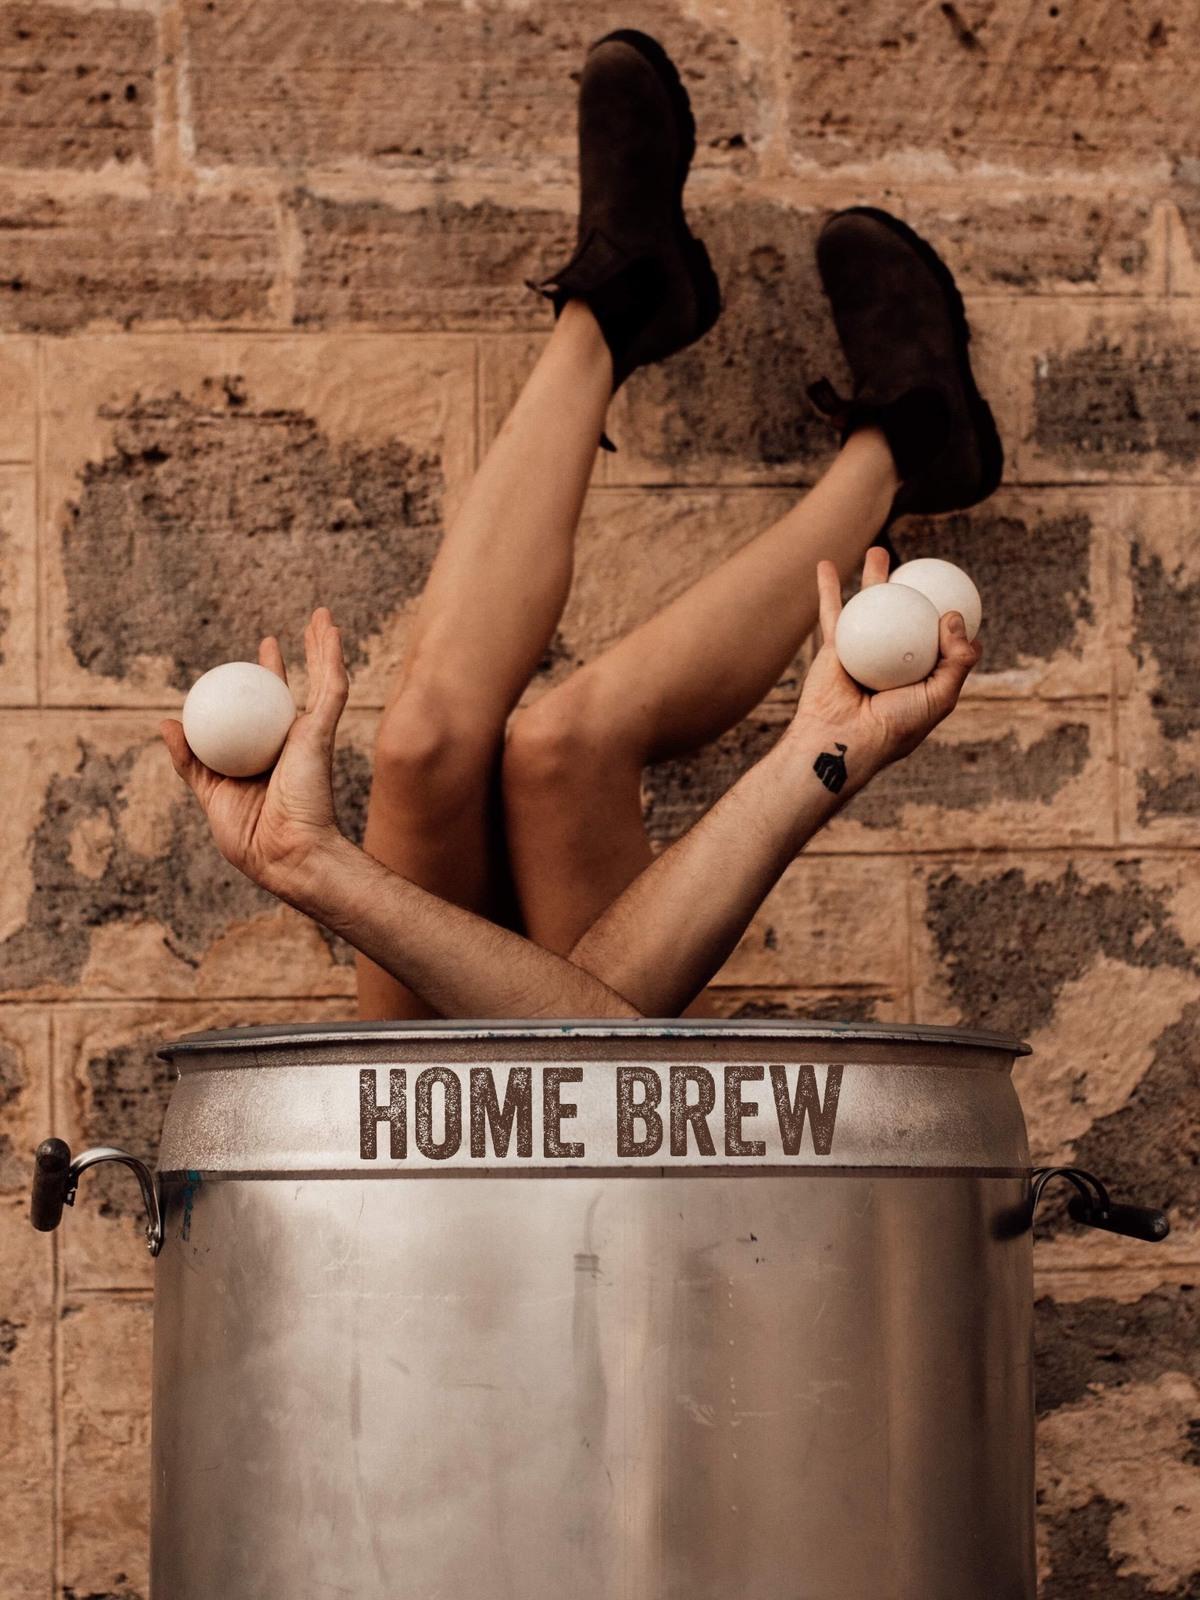 Home Brew Cabaret - Circus Events - CircusTalk